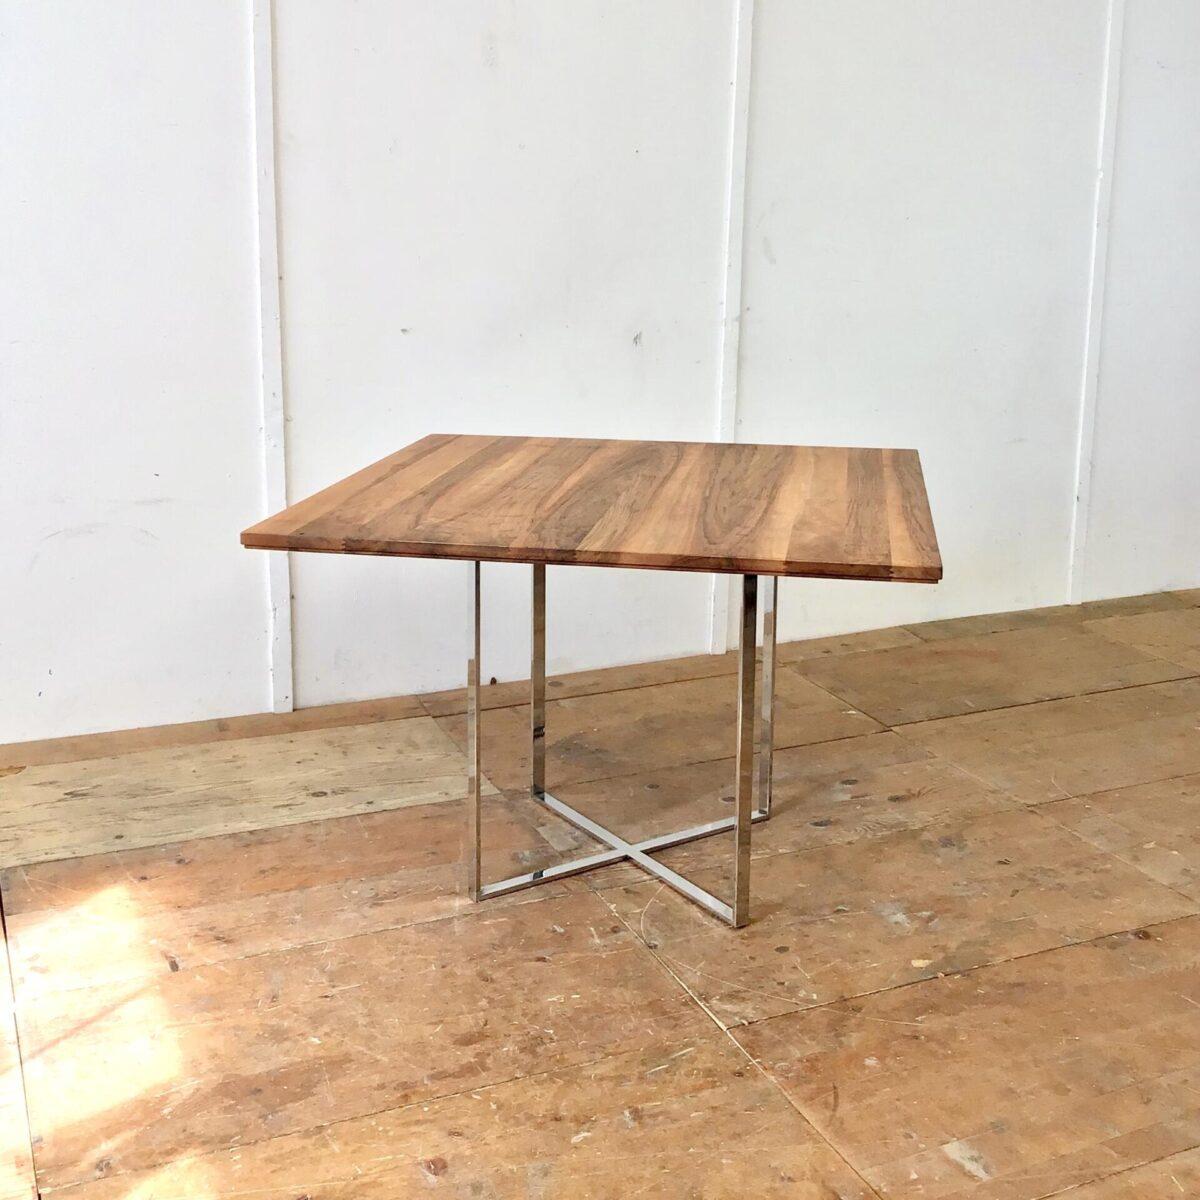 Deuxieme.shop Schlichter Sitzungstisch aus Nussbaum Vollholz, mit Metallfuss verchromt.110x110cm Höhe 75cm. Holzoberfläche mit Naturöl behandelt.